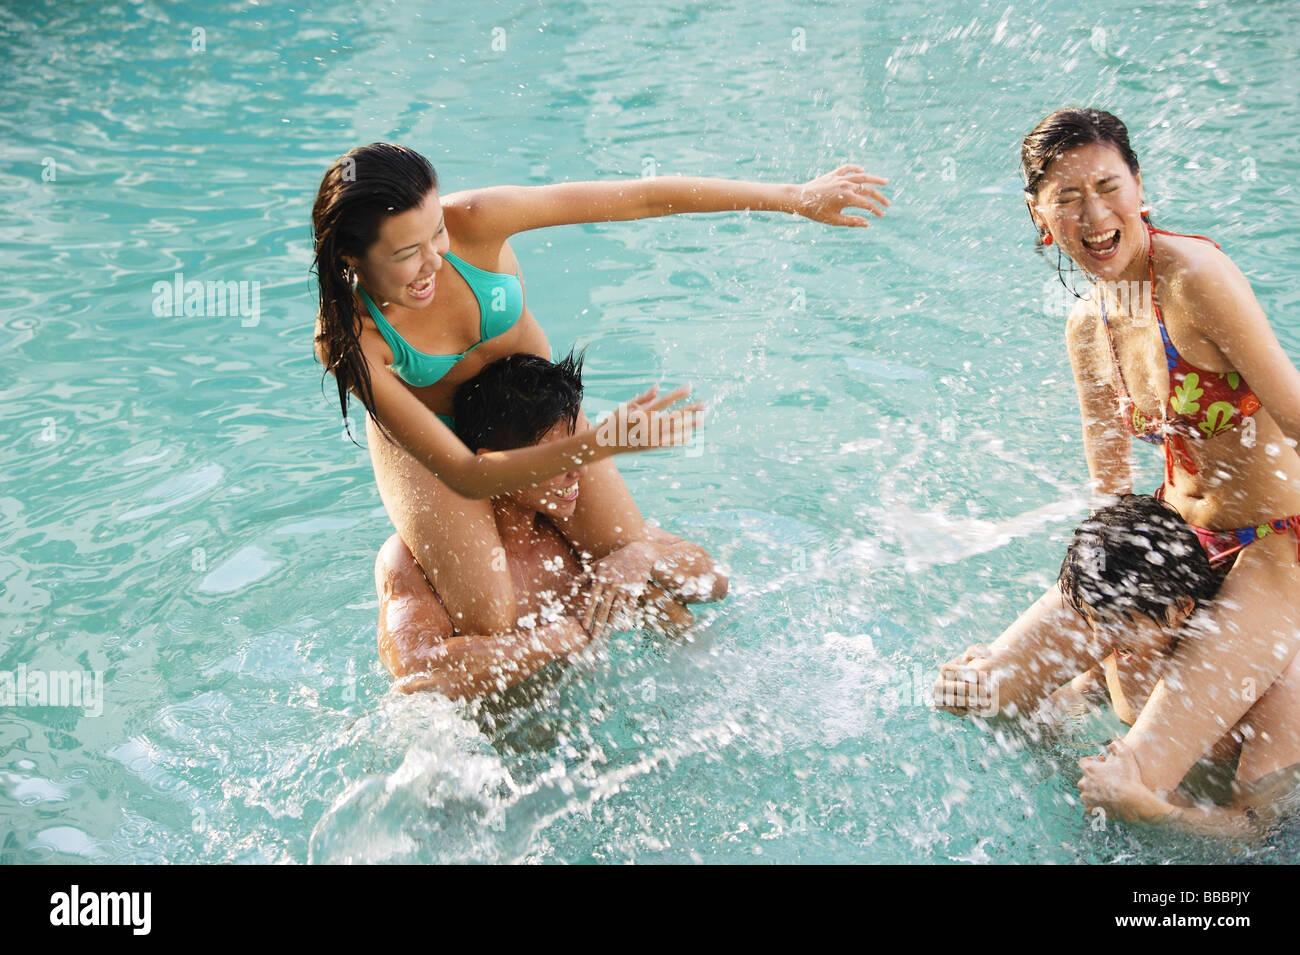 Las parejas en la piscina, la mujer sentada sobre los hombros de los hombres Imagen De Stock